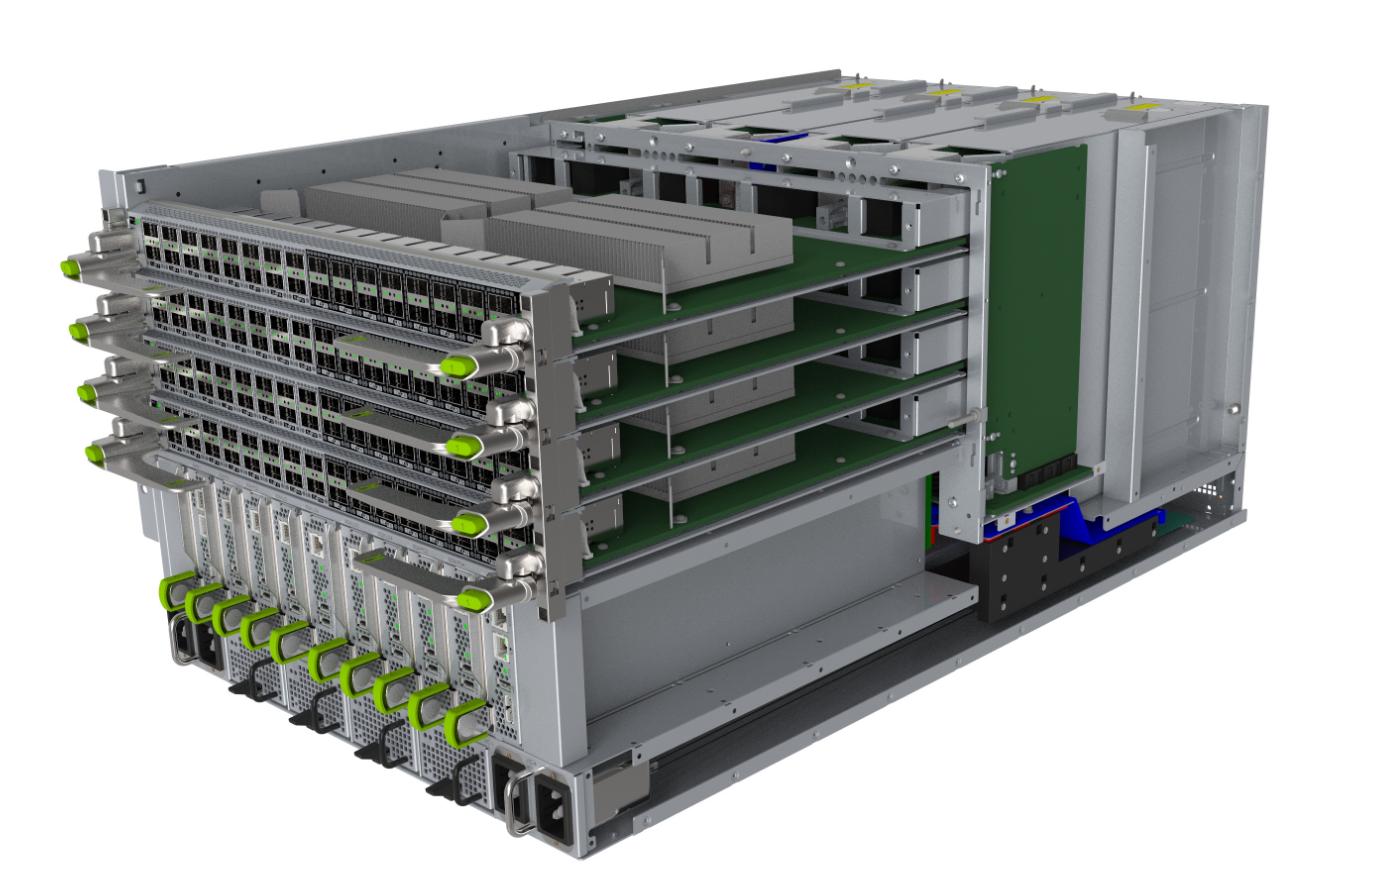 Facebook представила Backpack — второе поколение модульных маршрутизаторов для дата-центров - 1